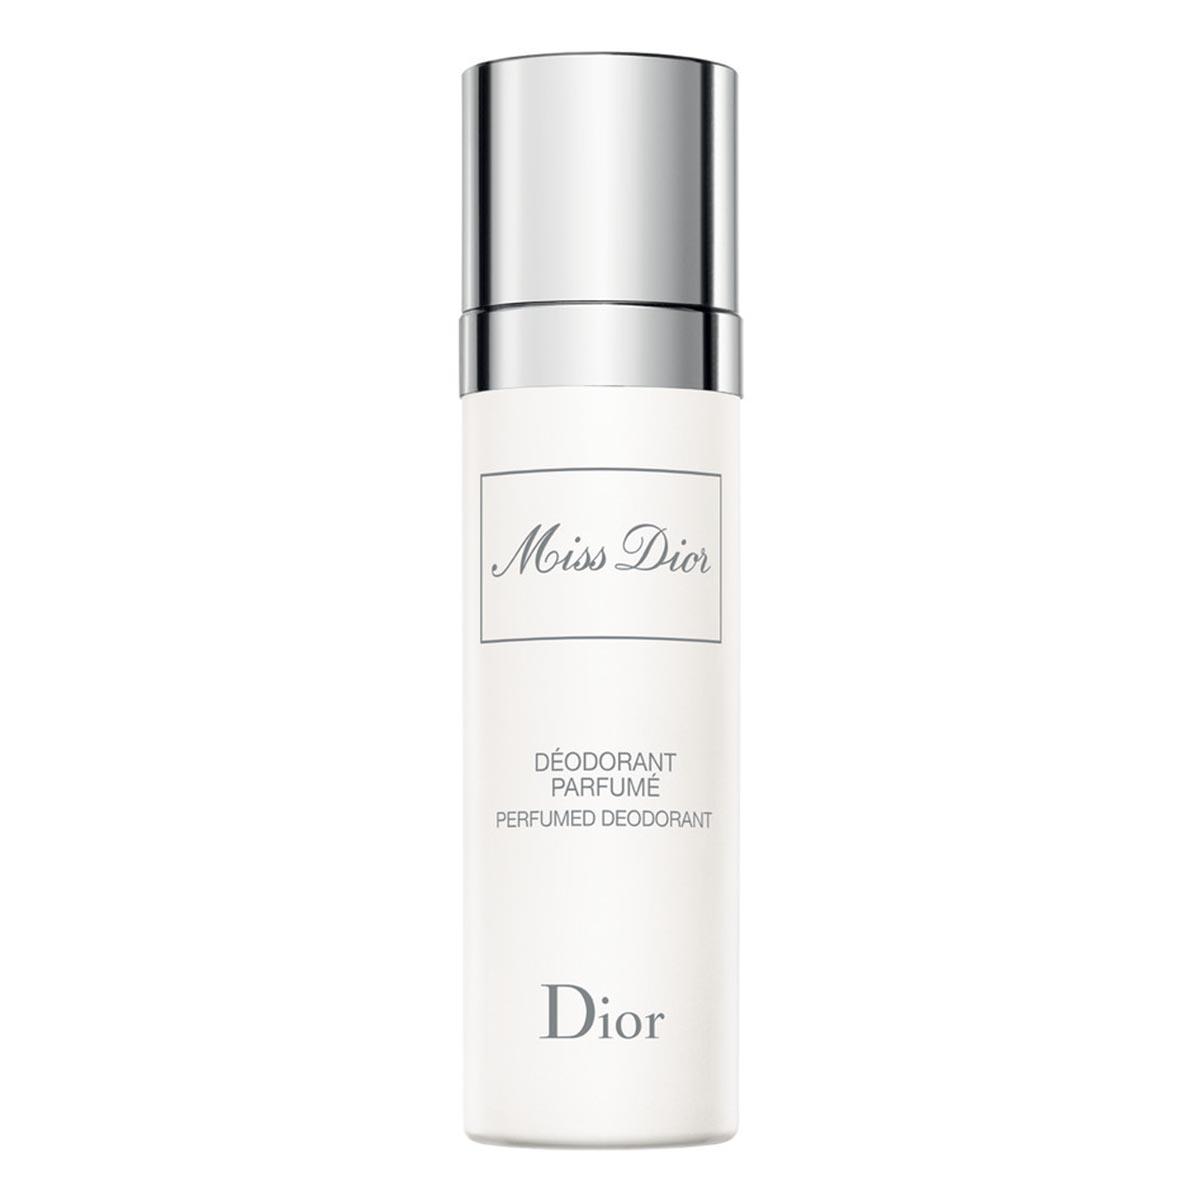 Dior miss dior perfumed desodorante 100ml vaporizador